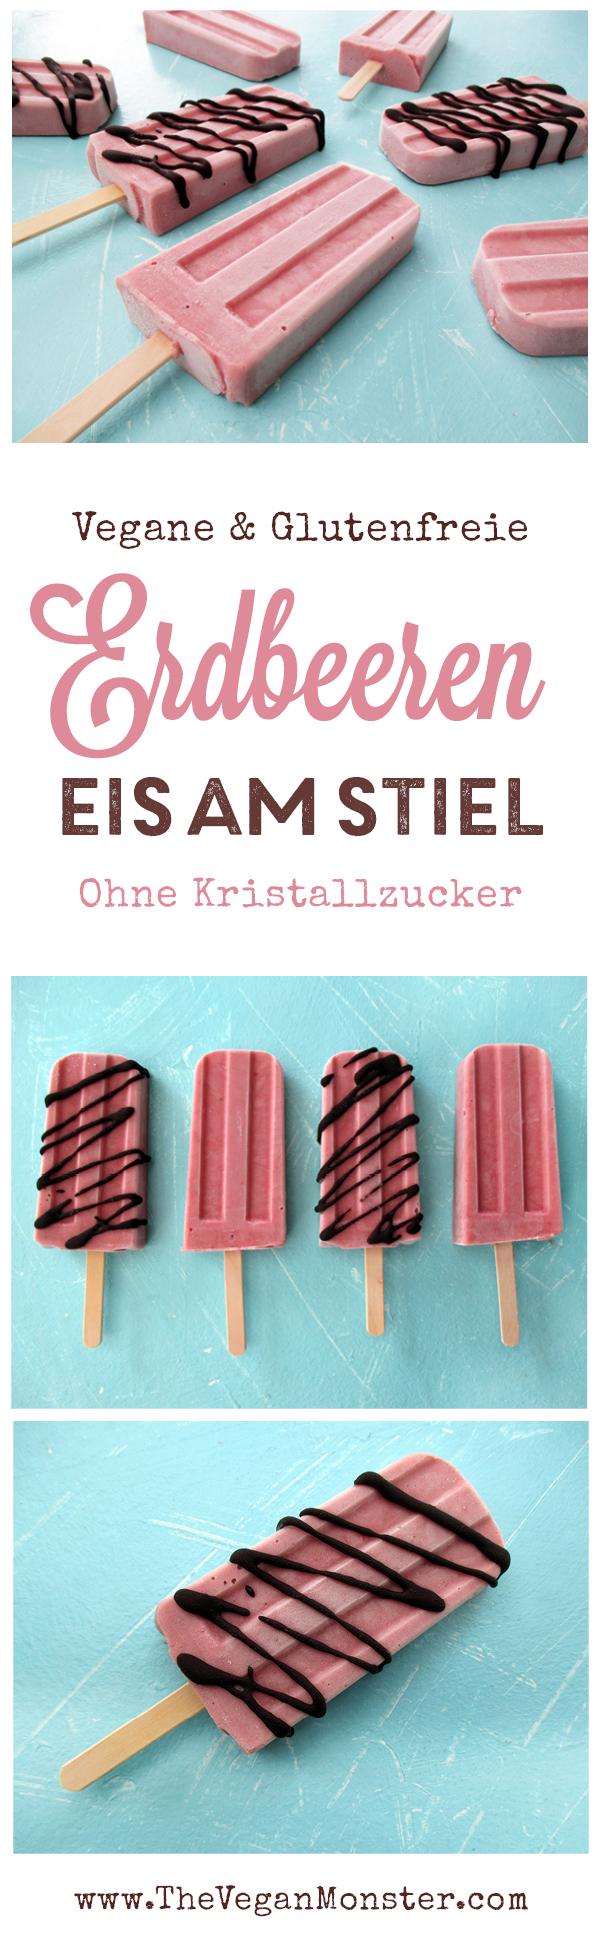 Veganes Glutenfreies Erdbeer Eis Am Stiel Rezept Ohne Kristallzucker Ohne Milch